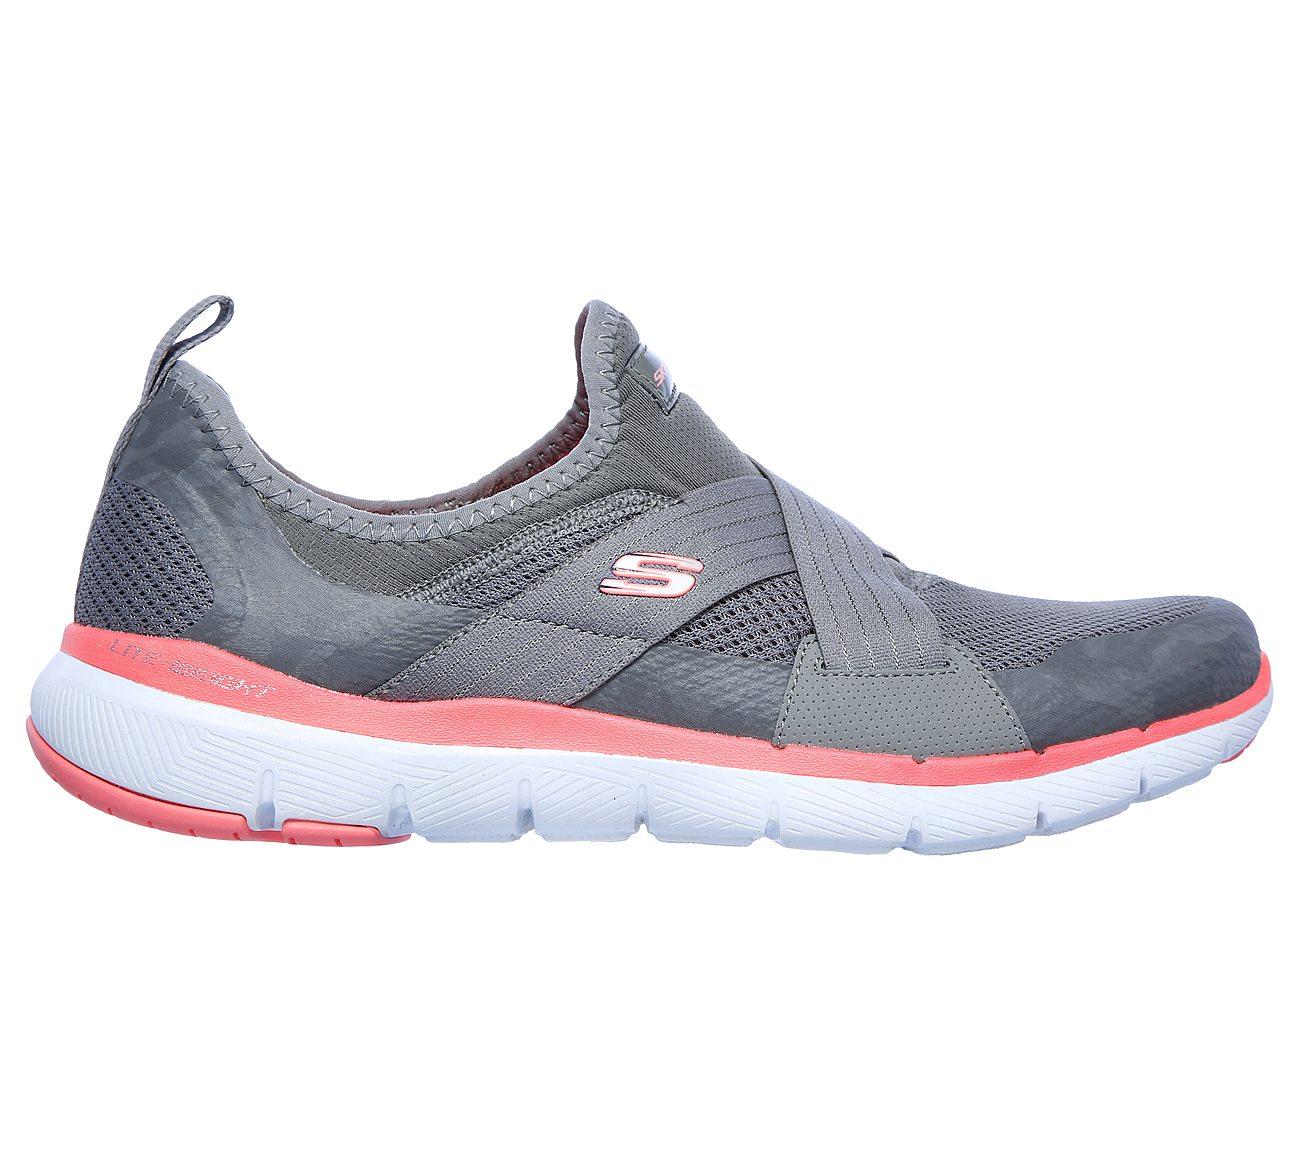 Details about Skechers Women's Flex Appeal 3.0 Goal Getter Slip On Sneaker